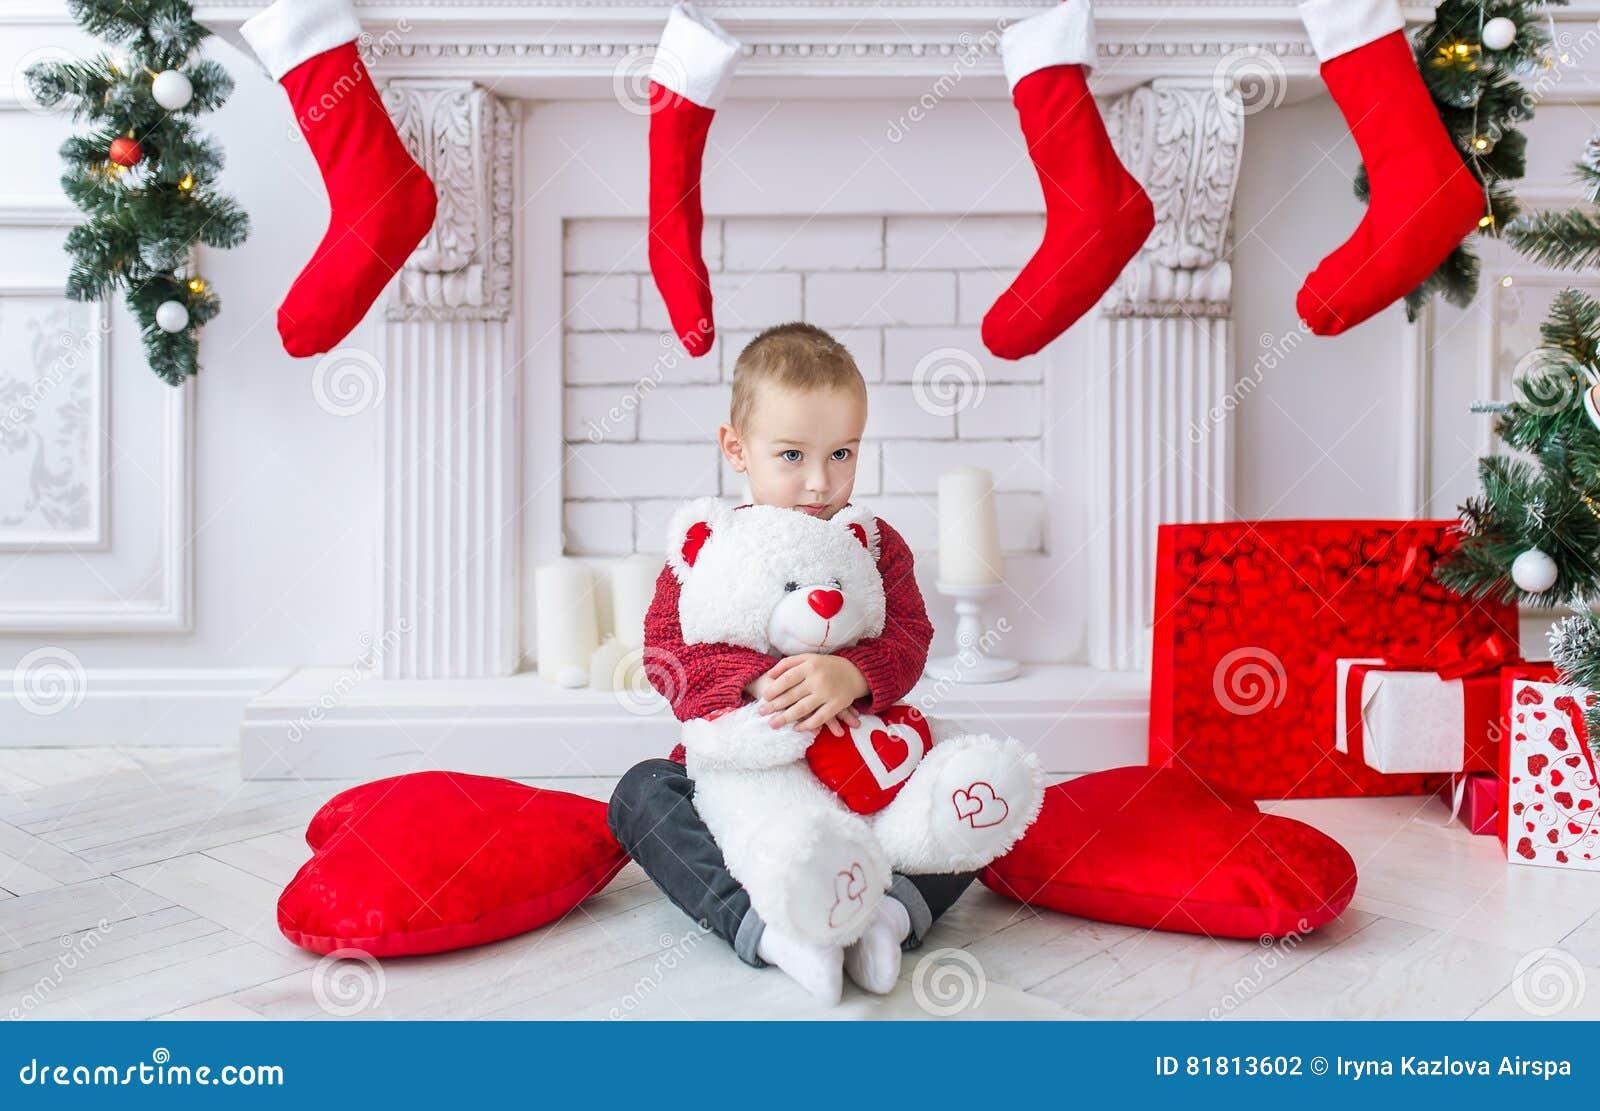 Очаровательный мальчик с большим приполюсным медведем игрушки